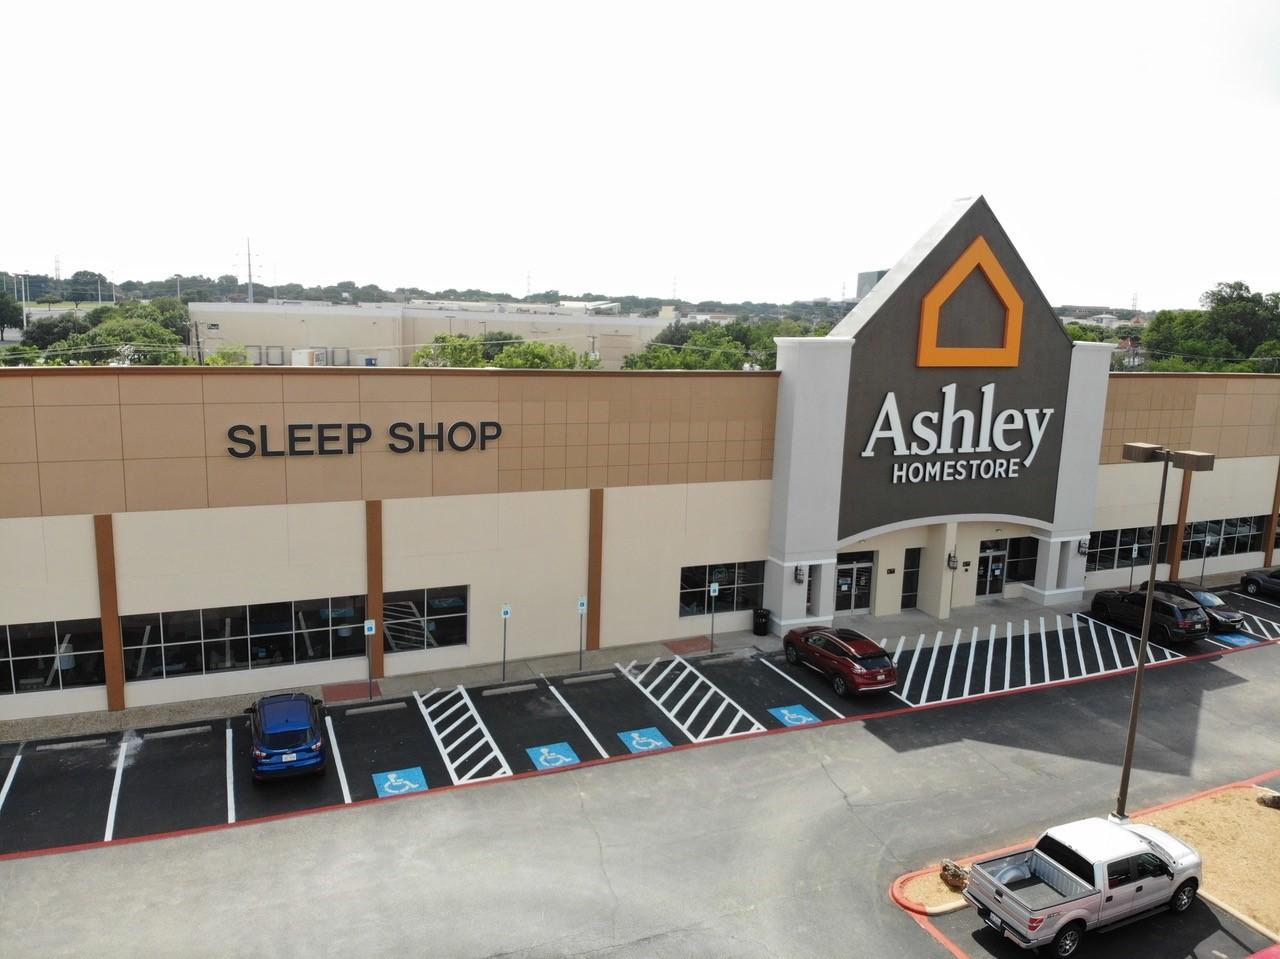 Pleasant Furniture And Mattress Store In Plano Tx Ashley Homestore Creativecarmelina Interior Chair Design Creativecarmelinacom